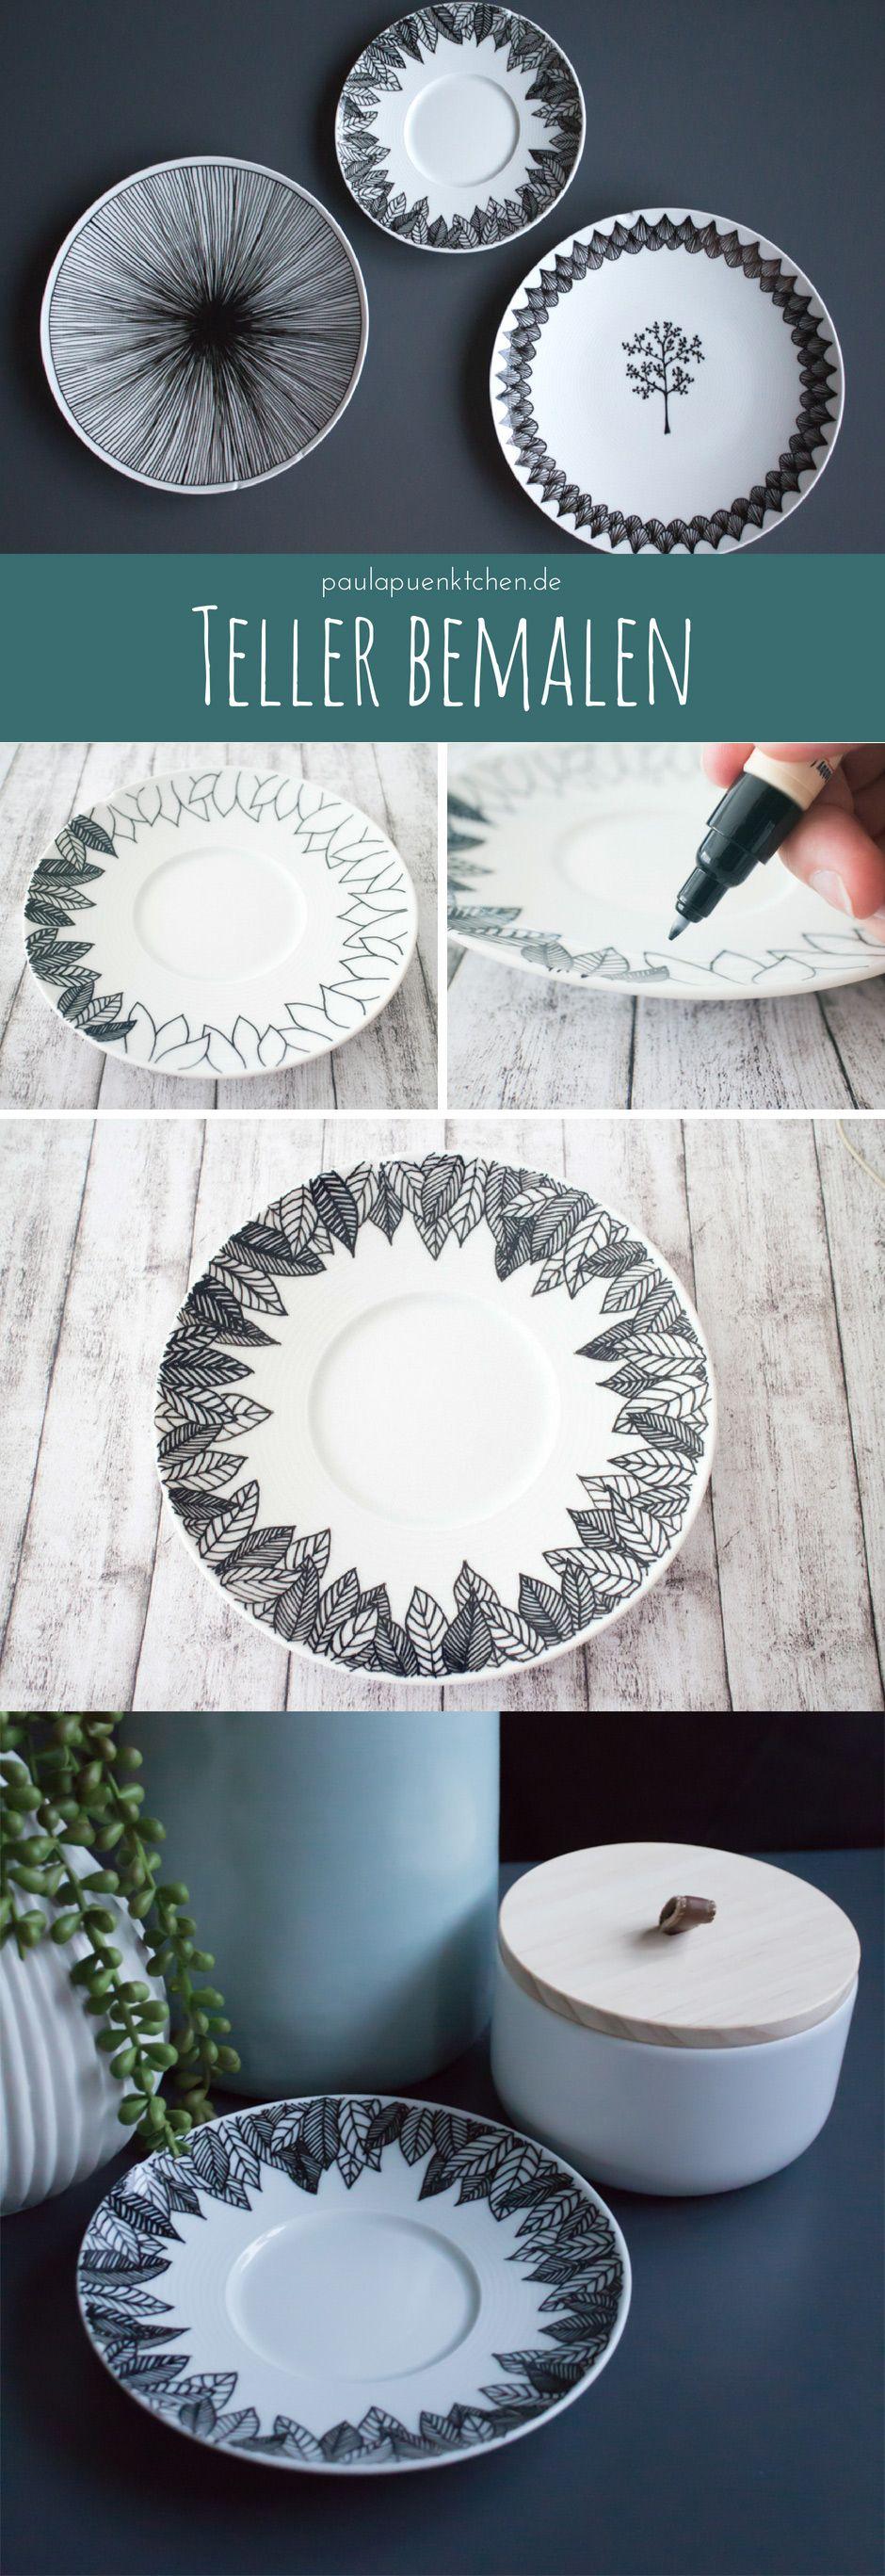 Porzellan bemalen mit einfachen Mustern – Paula Pünktchen